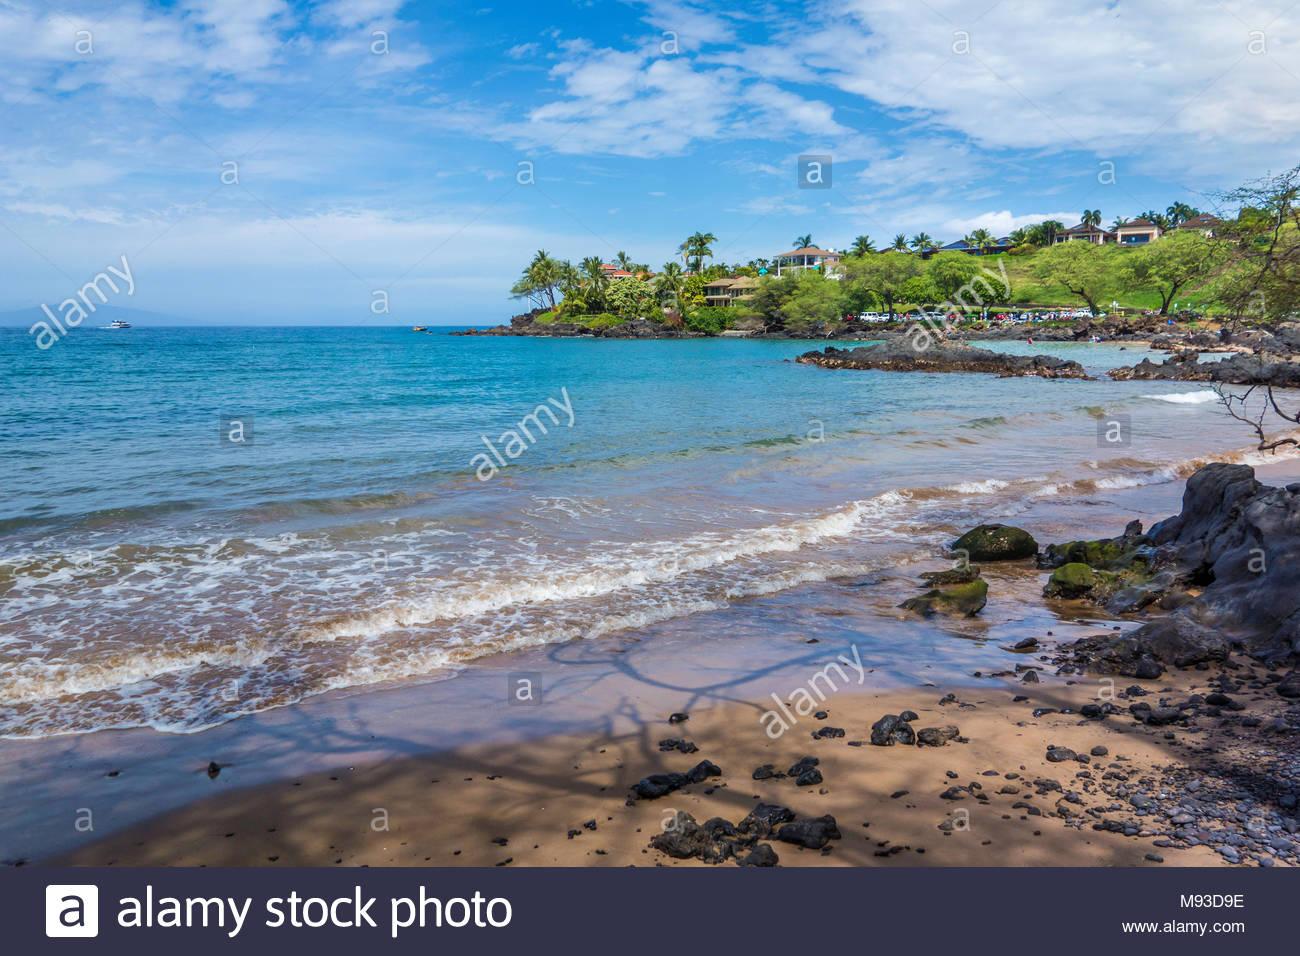 Fuori del modo Makena Landing Beach Park sull'isola di Maui nello stato delle Hawaii USA Immagini Stock